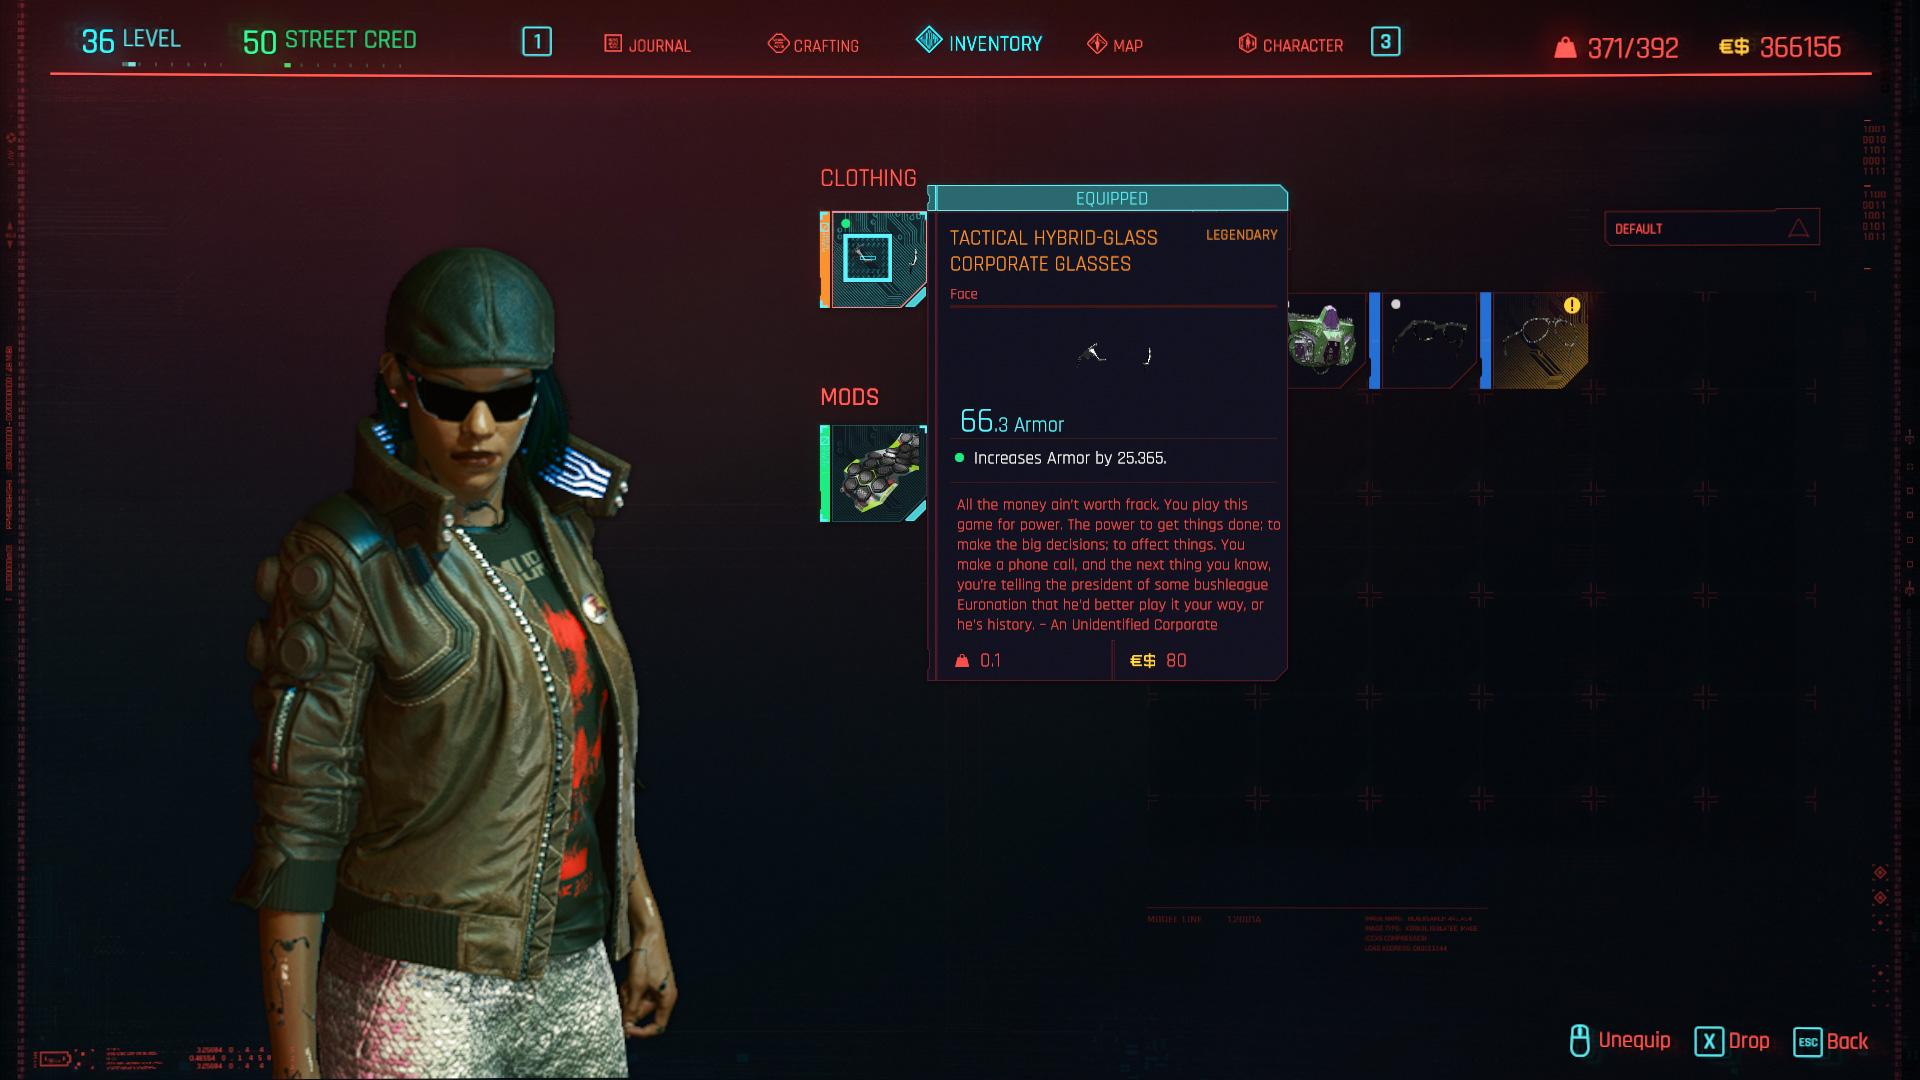 Tous les vêtements légendaires et emblématiques de Cyberpunk 2077 - Lunettes d'entreprise tactiques en verre hybride